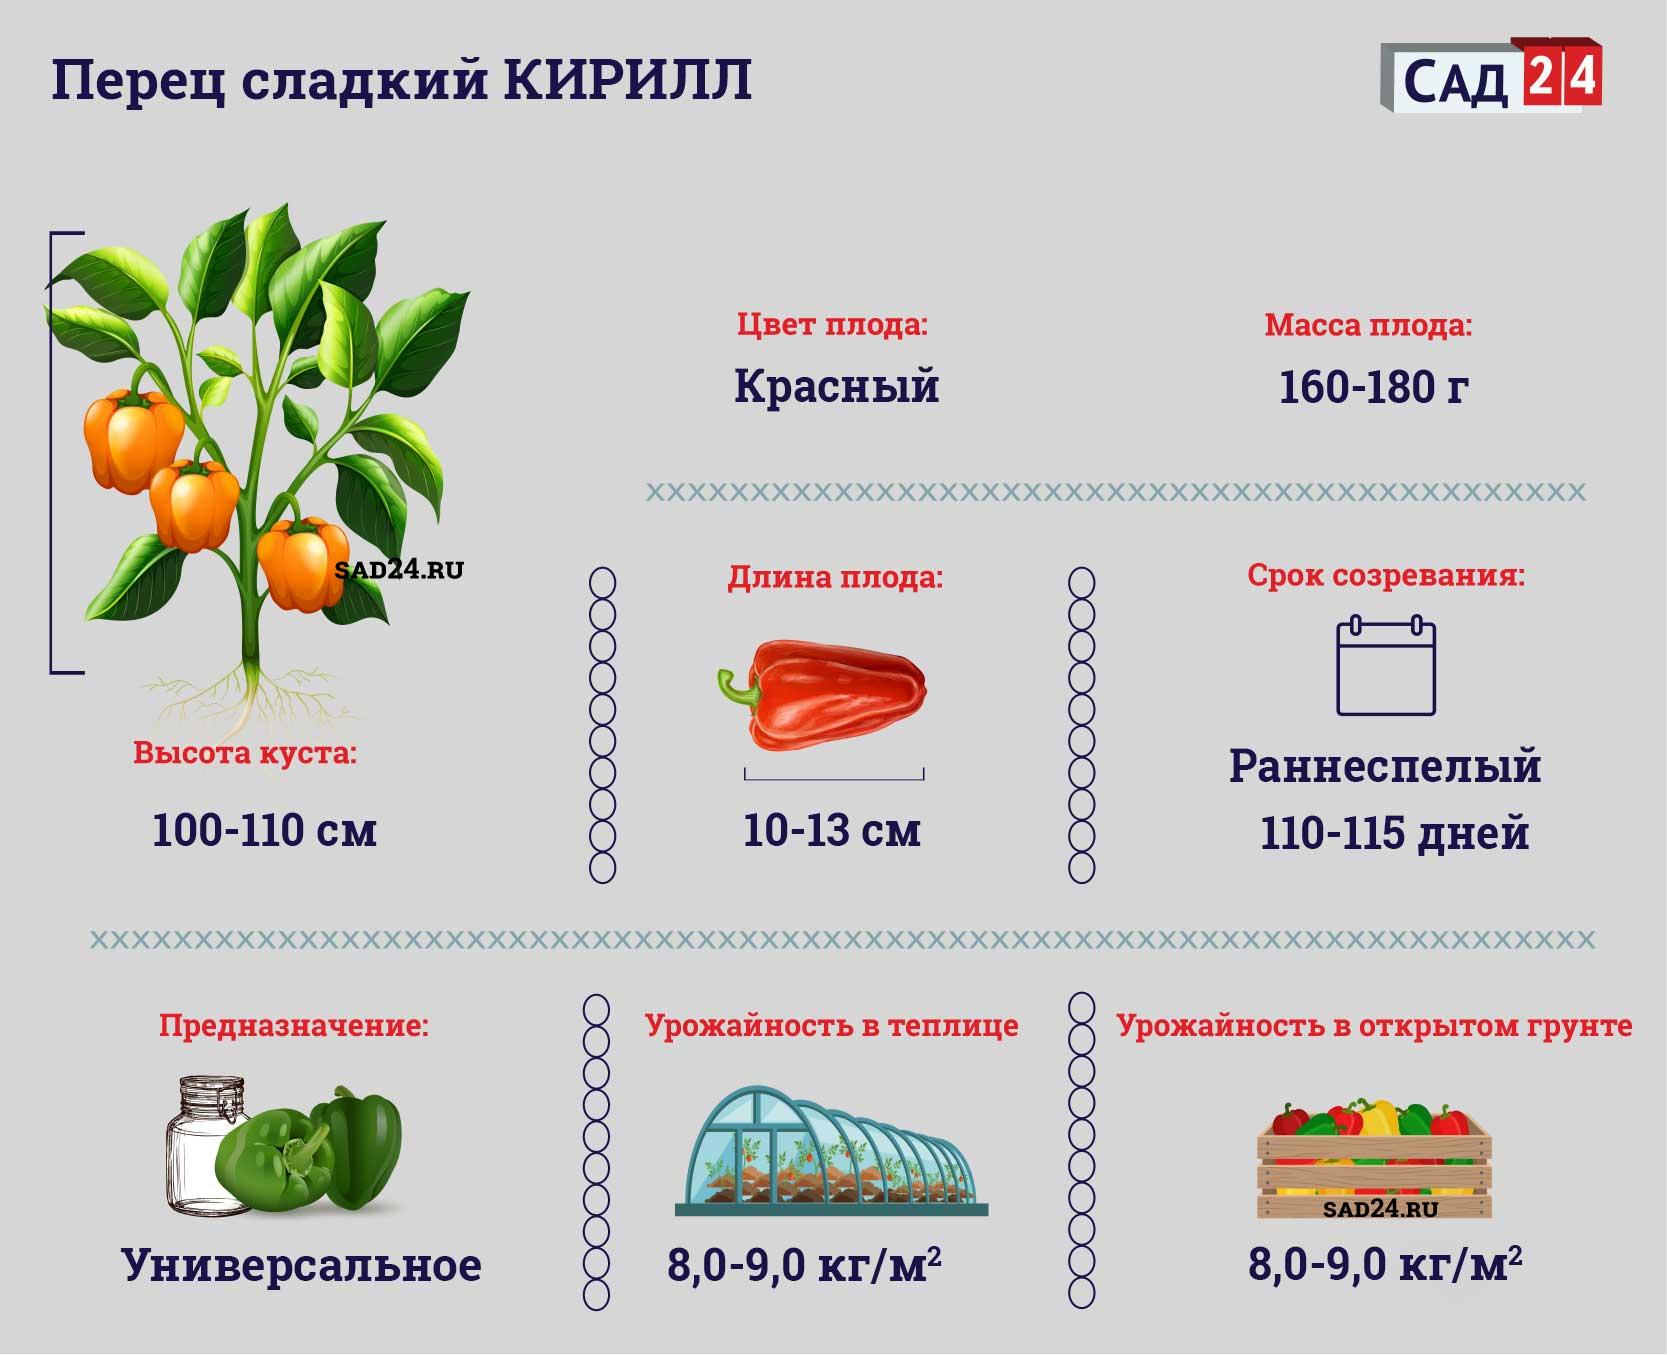 Кирилл - https://sad24.ru